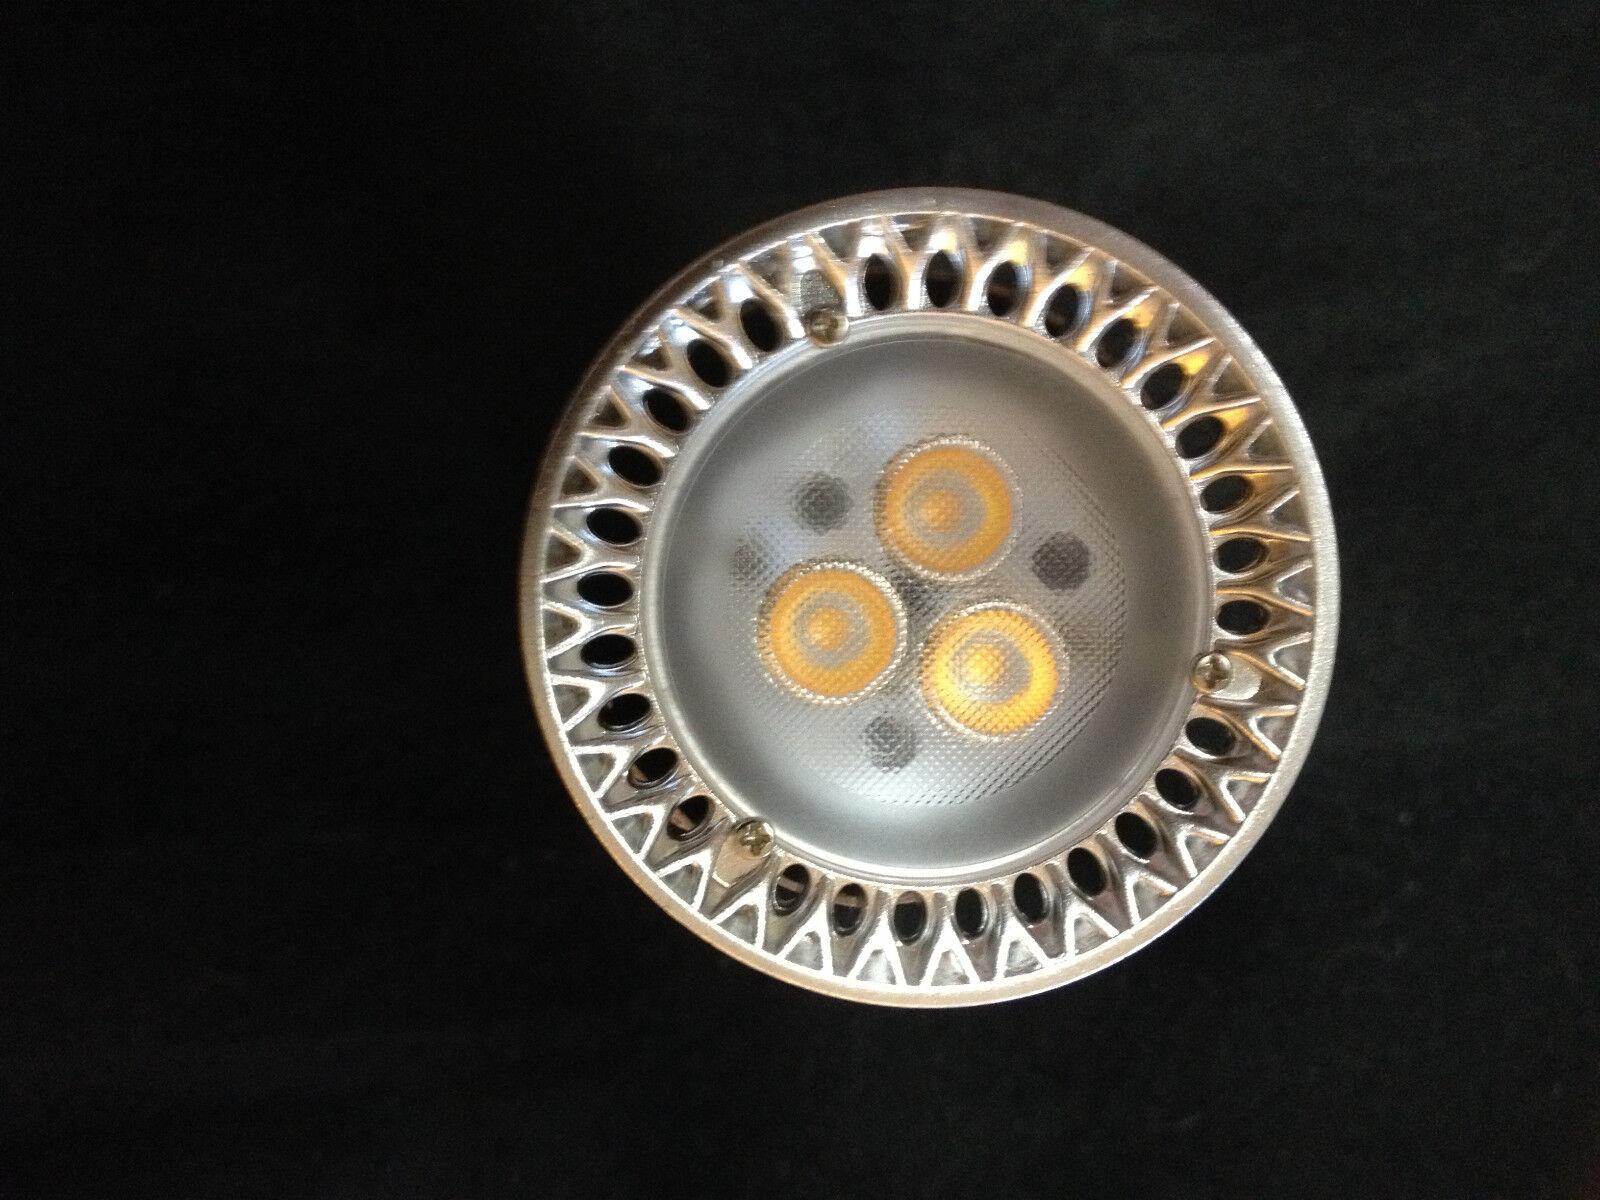 Set of 10 bulbs for landscape lighting, MR16, 2700k 4W, 12V, DAUER LED brand